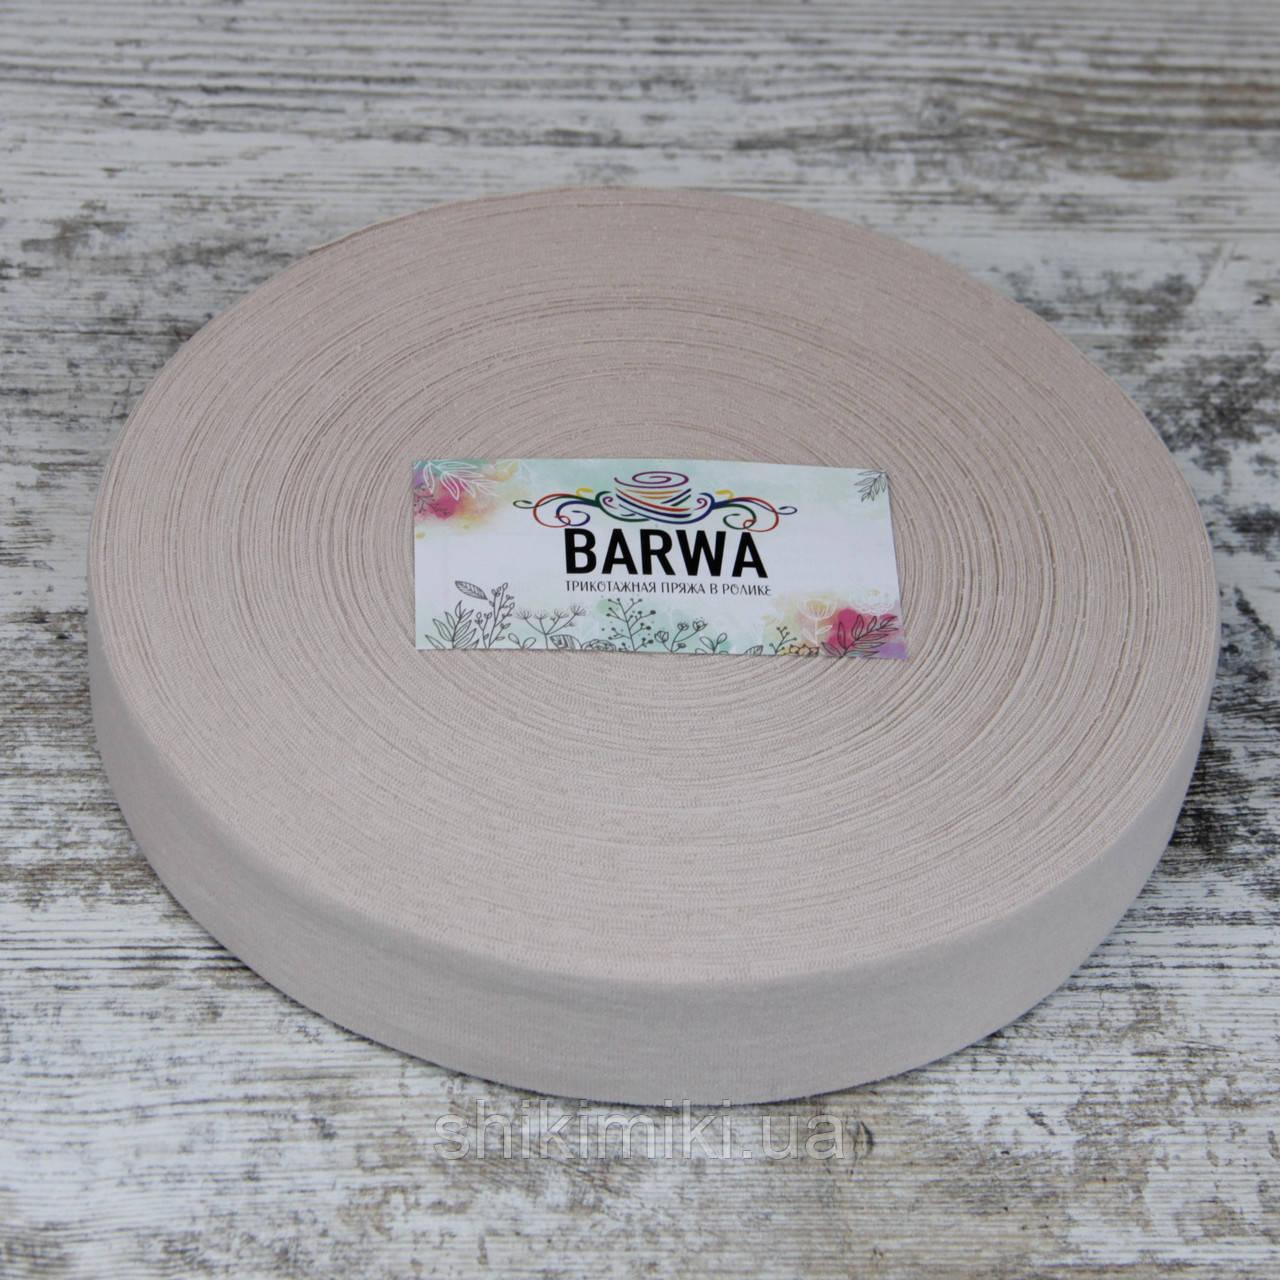 Трикотажная пряжа Barwa в роликах, цвет Айвори